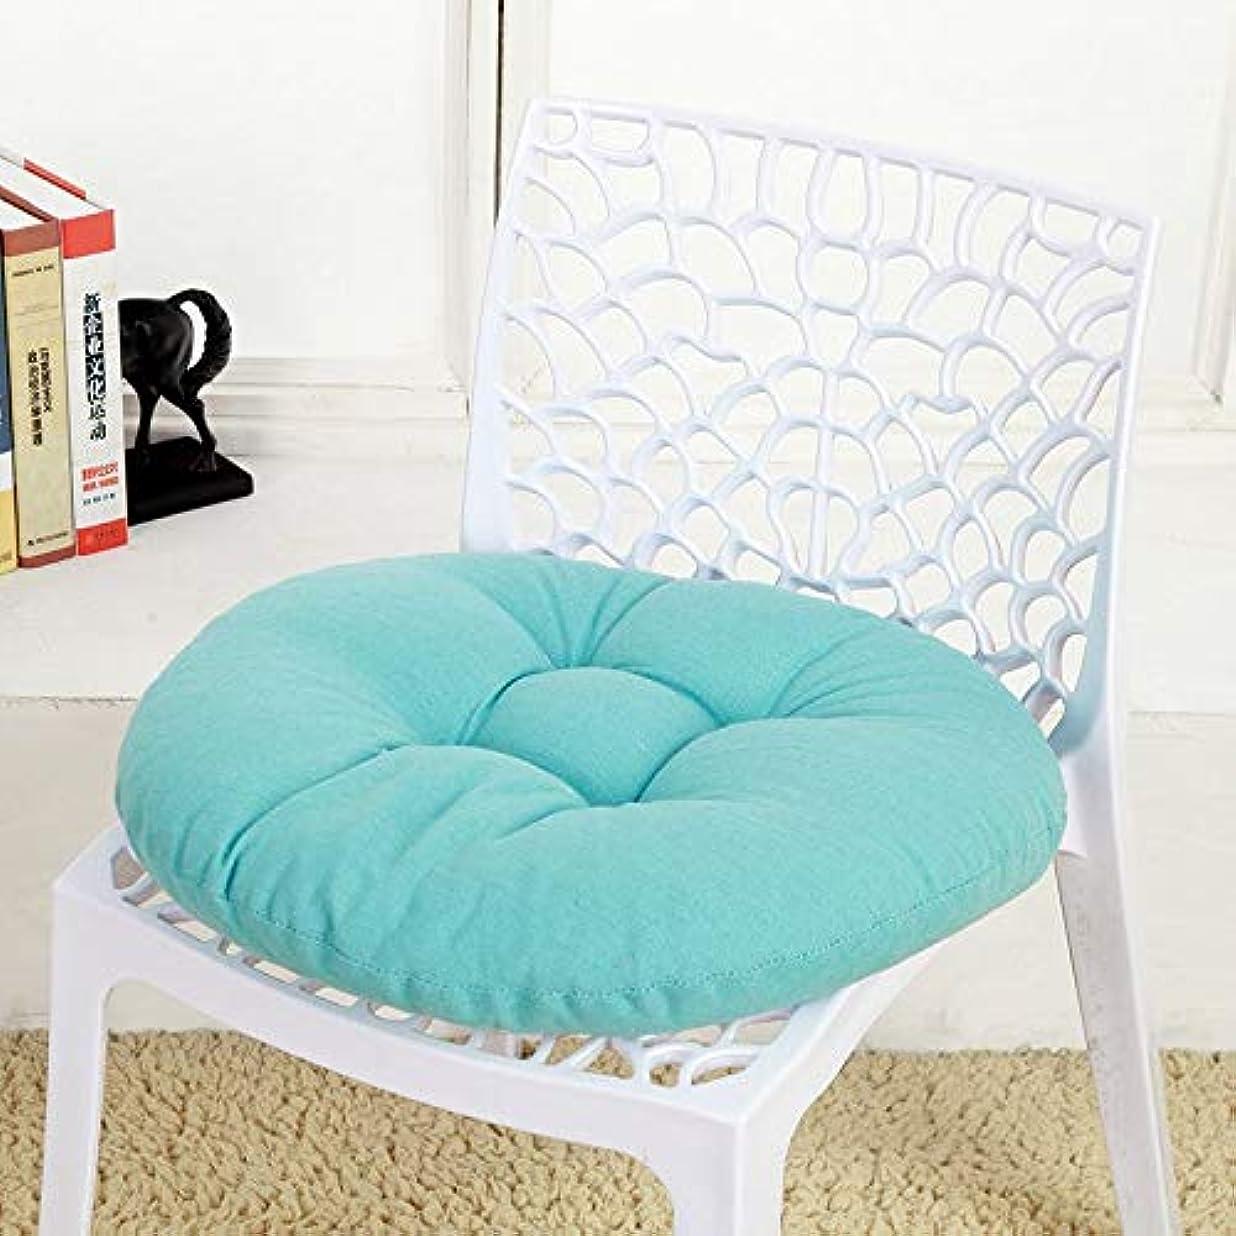 収容する余分な終了しましたLIFE キャンディカラーのクッションラウンドシートクッション波ウィンドウシートクッションクッション家の装飾パッドラウンド枕シート枕椅子座る枕 クッション 椅子